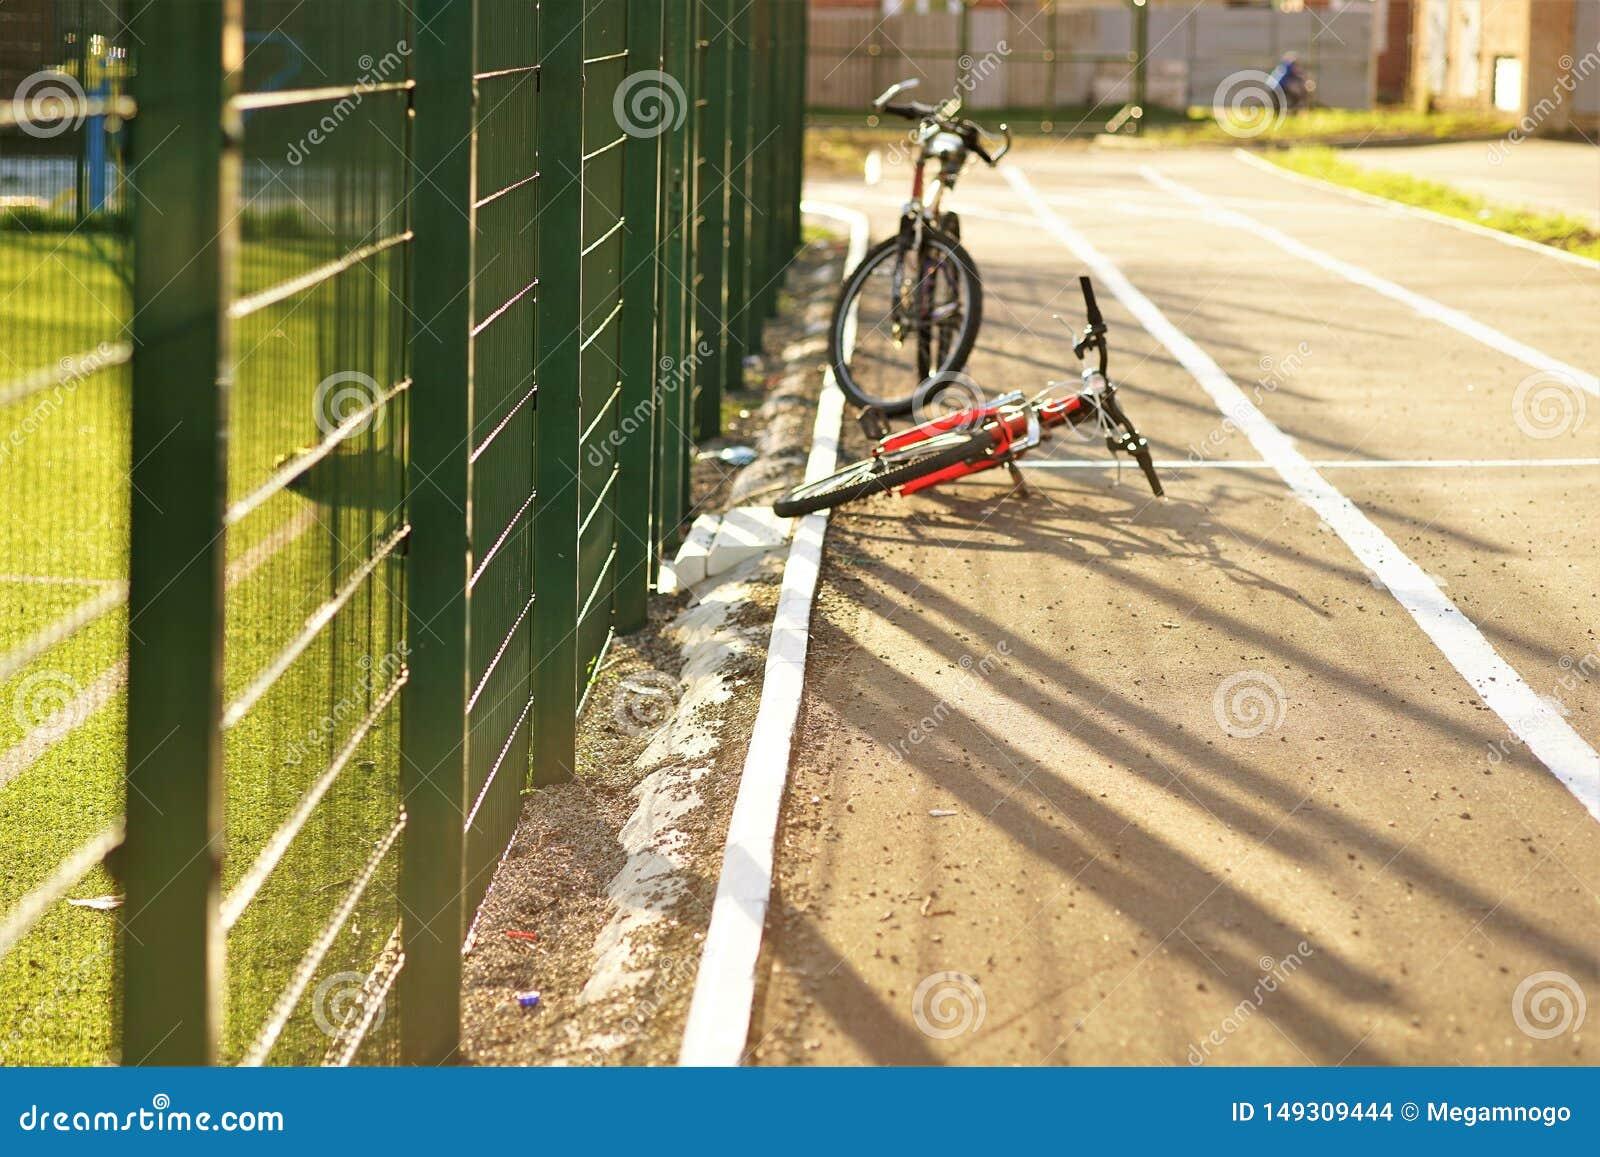 Två cyklar är på asfaltvägen av stadion Raster av det gröna staketet på bakgrunden av gräsmattafältet